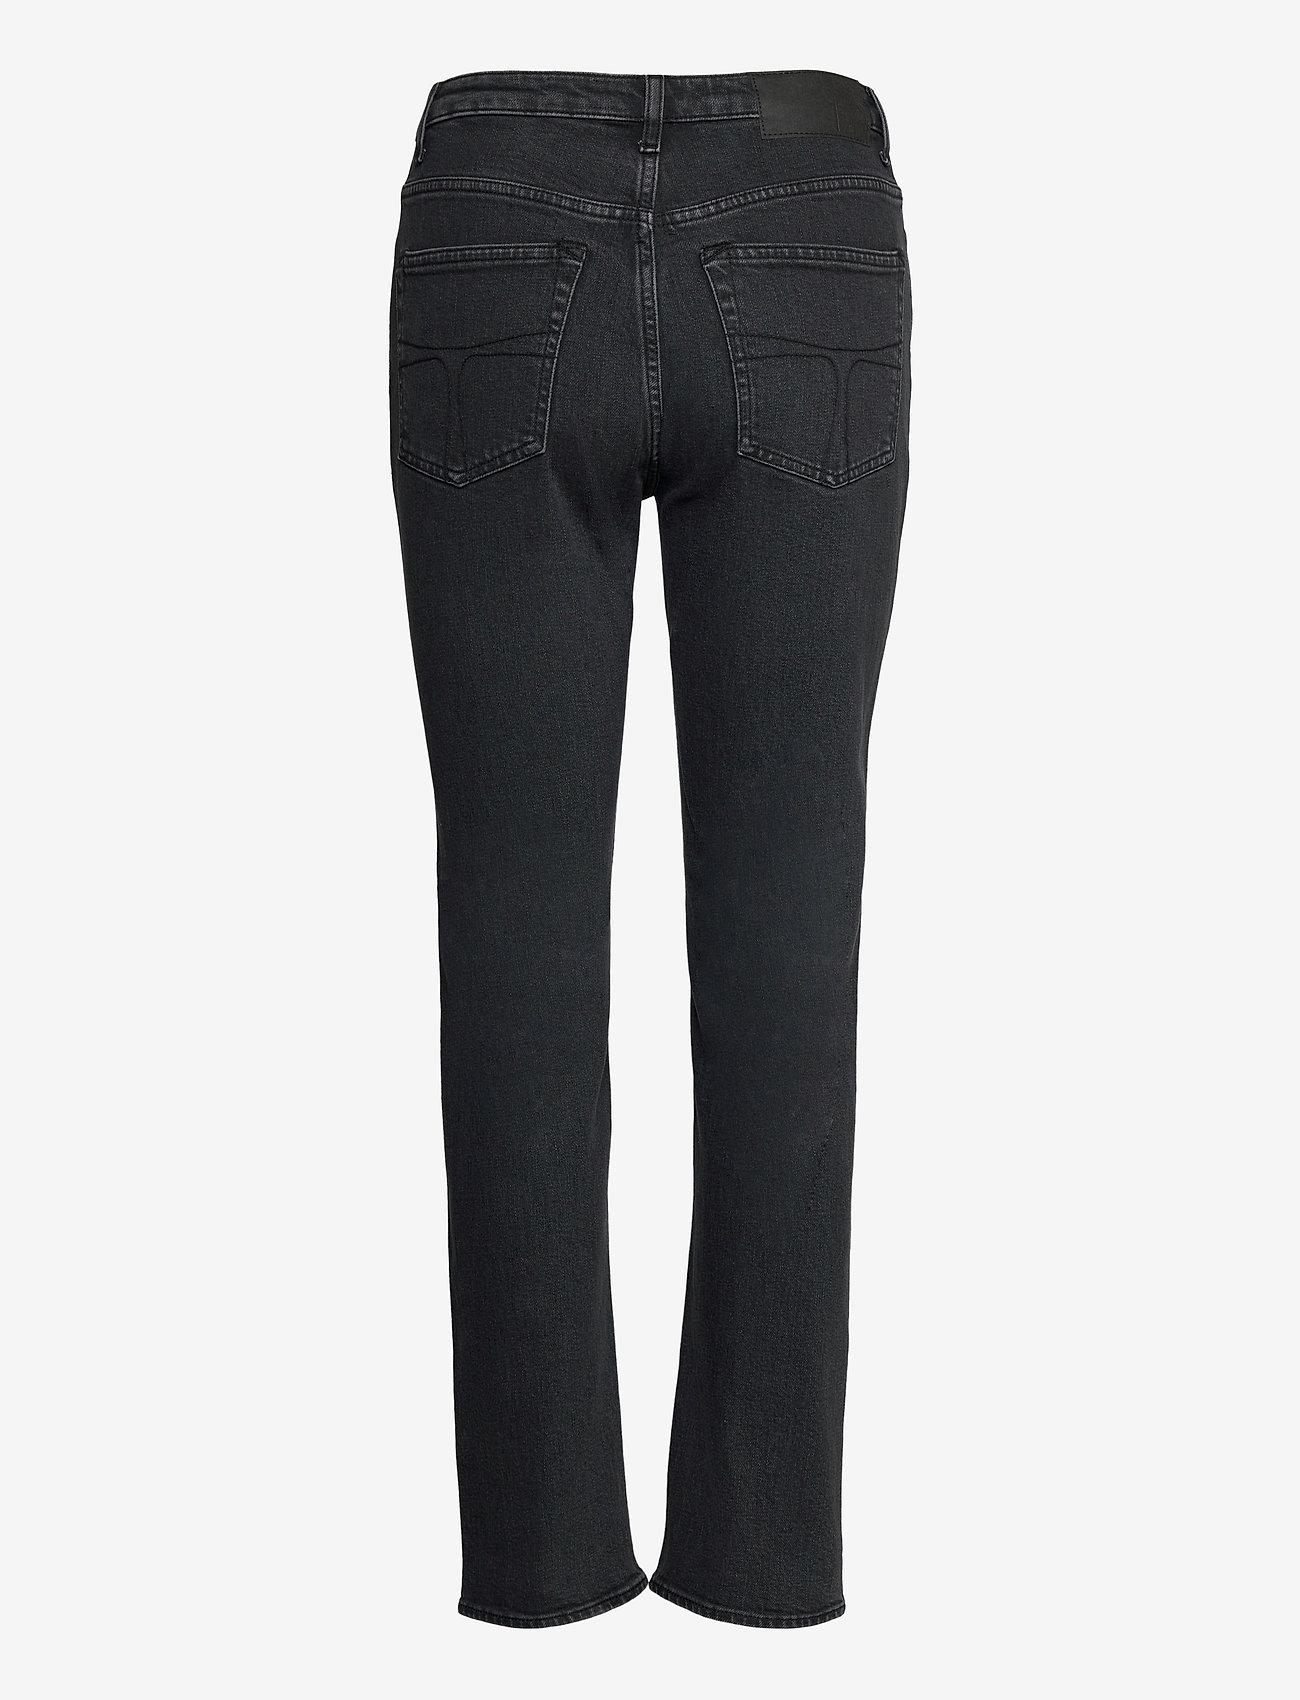 Tiger of Sweden Jeans - MEG - straight regular - black - 1